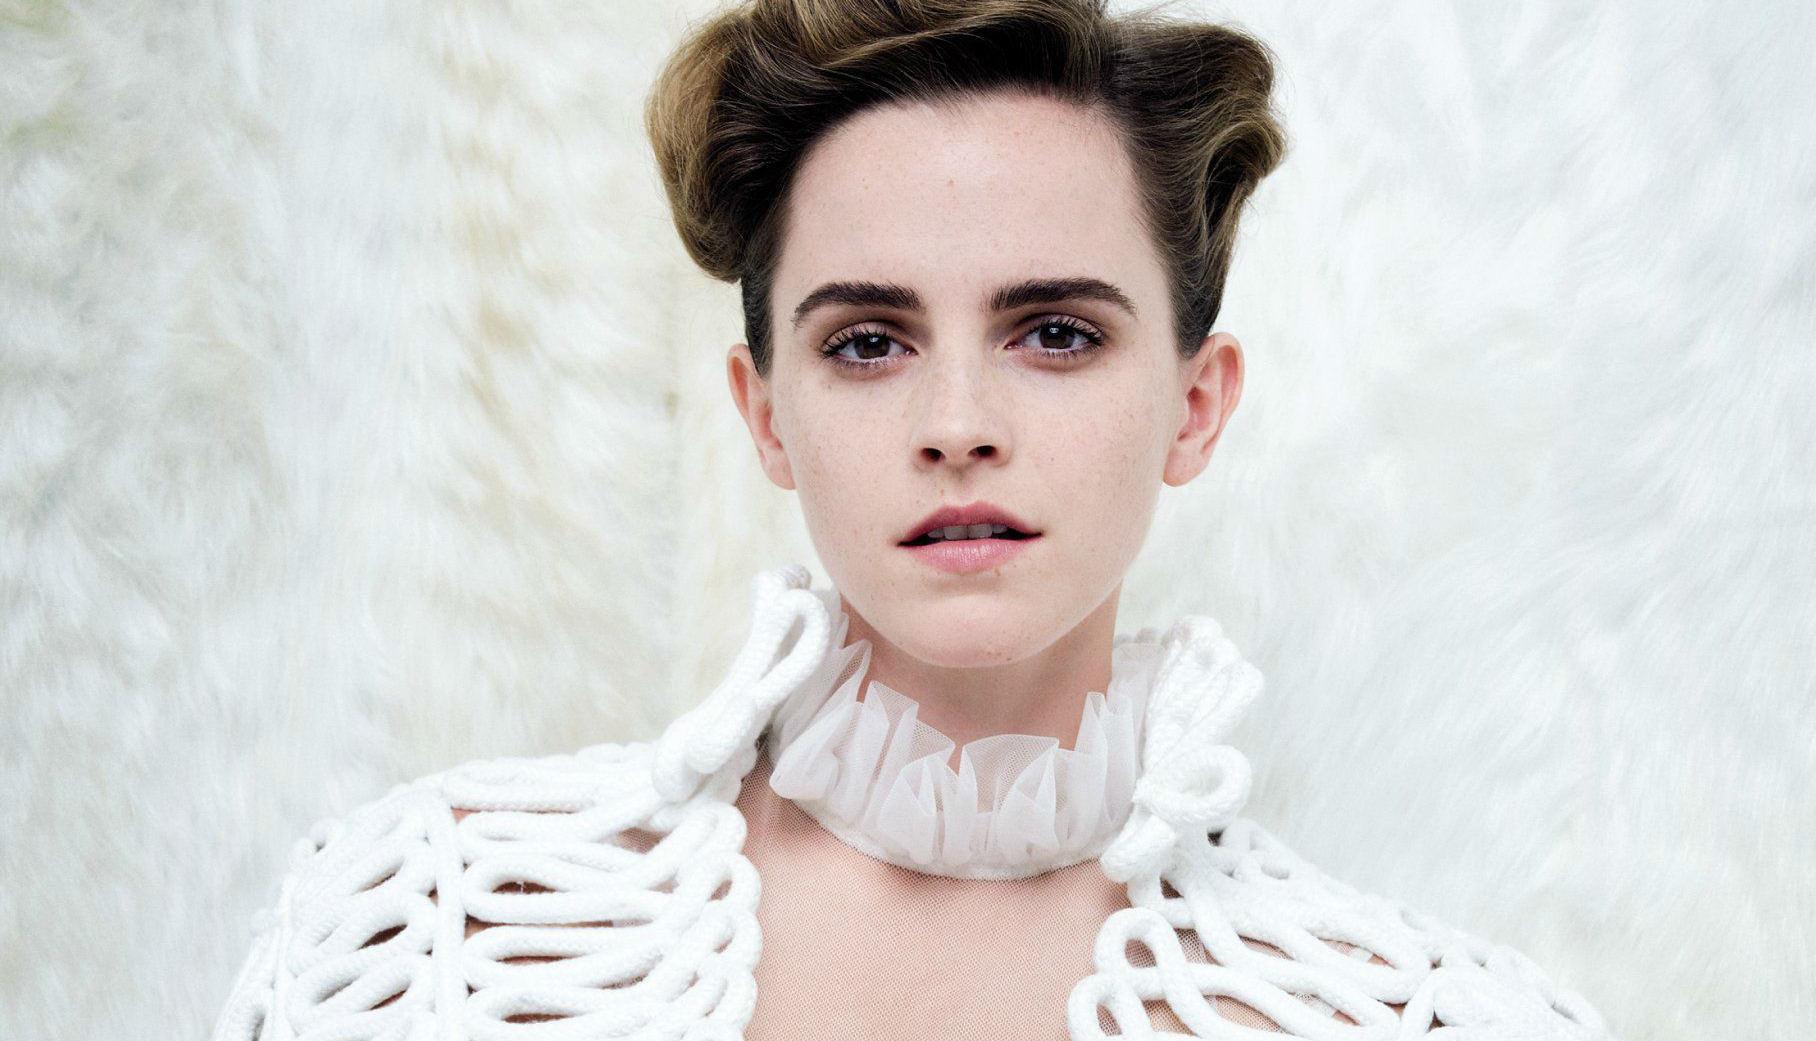 Emma-Watson-Vanity-Fair-boobs